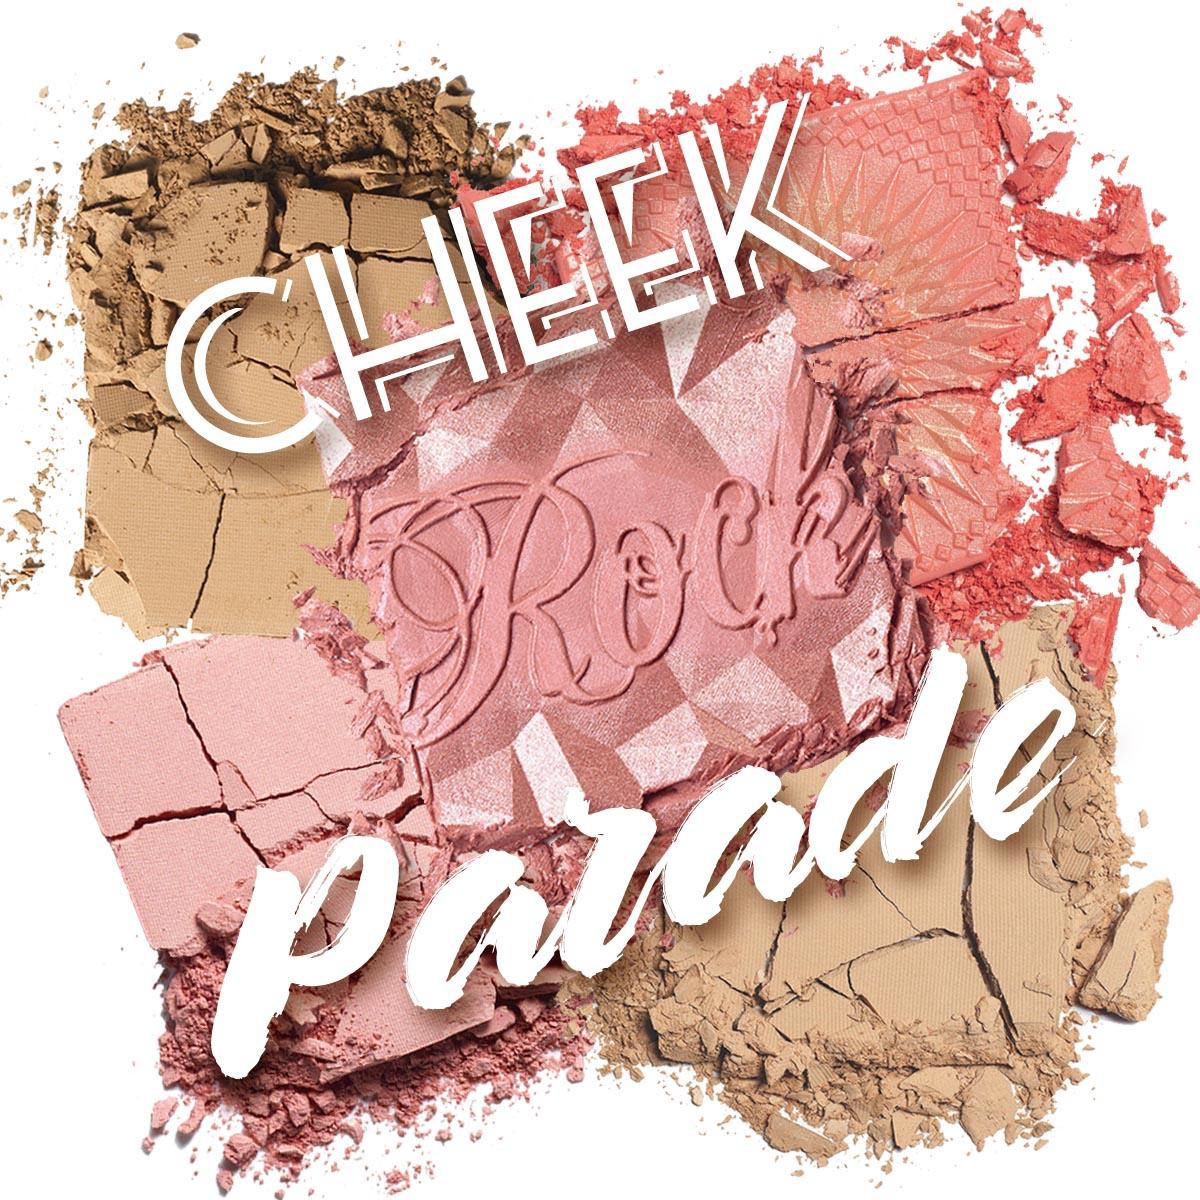 BENEFIT Cheek Parade Bronzer Blush Rouge Palette Deutschland Deal guenstiger